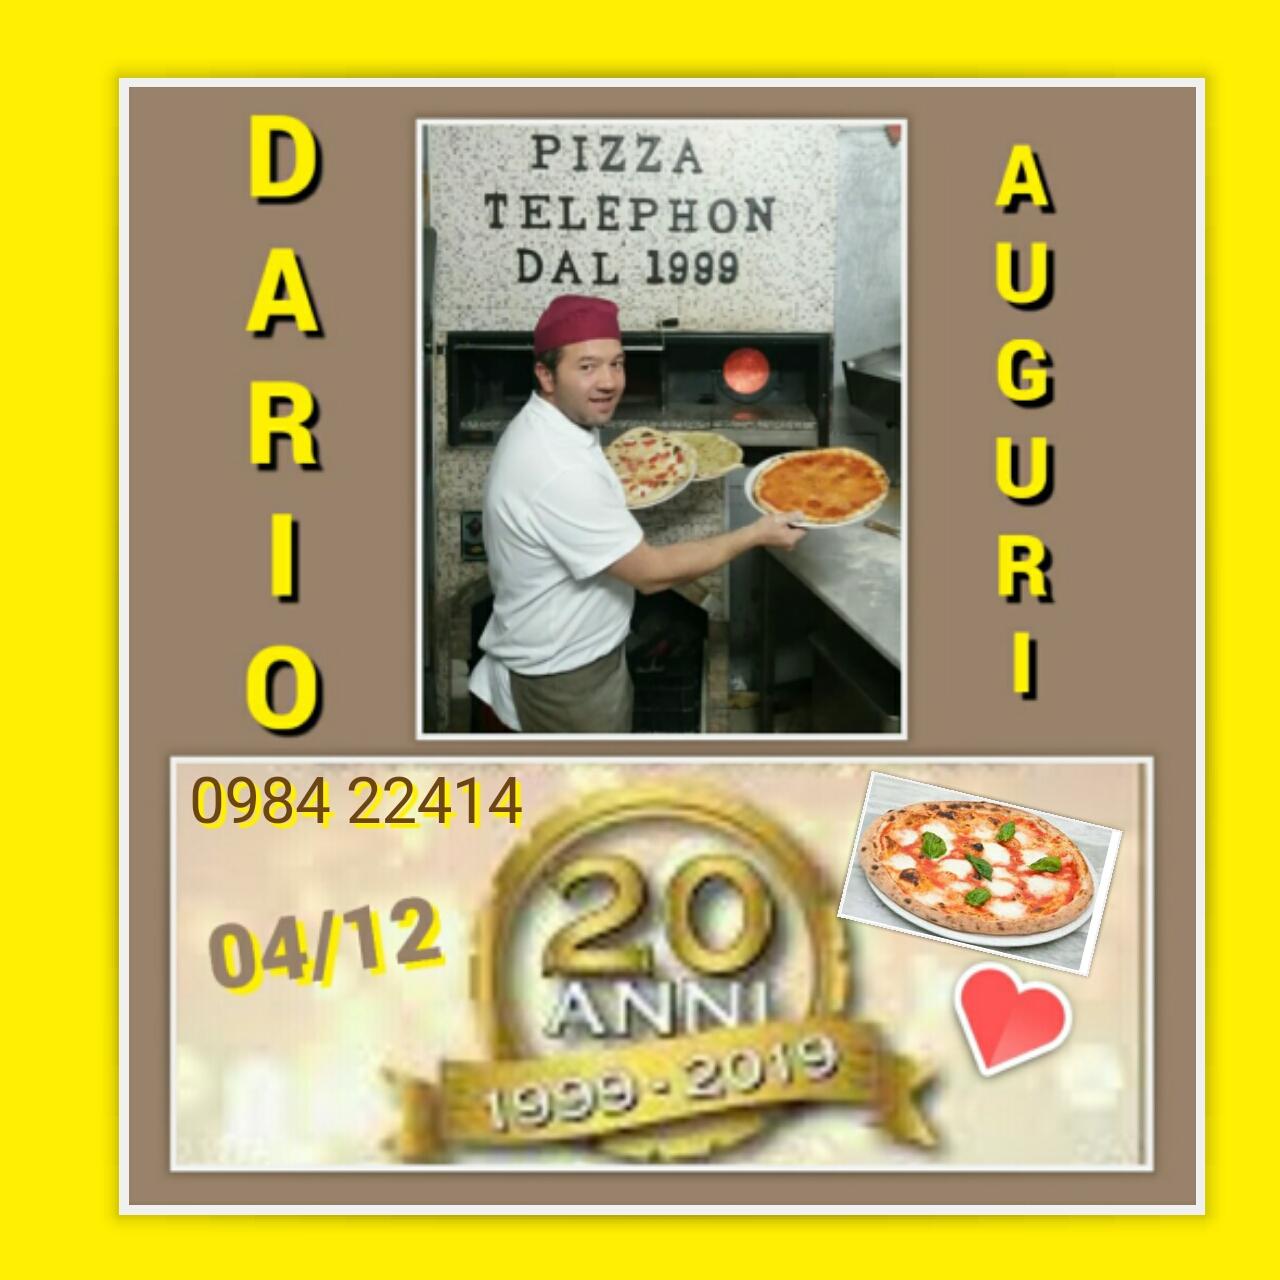 Cosenza: la Pizzeria Telephon compie 20 anni